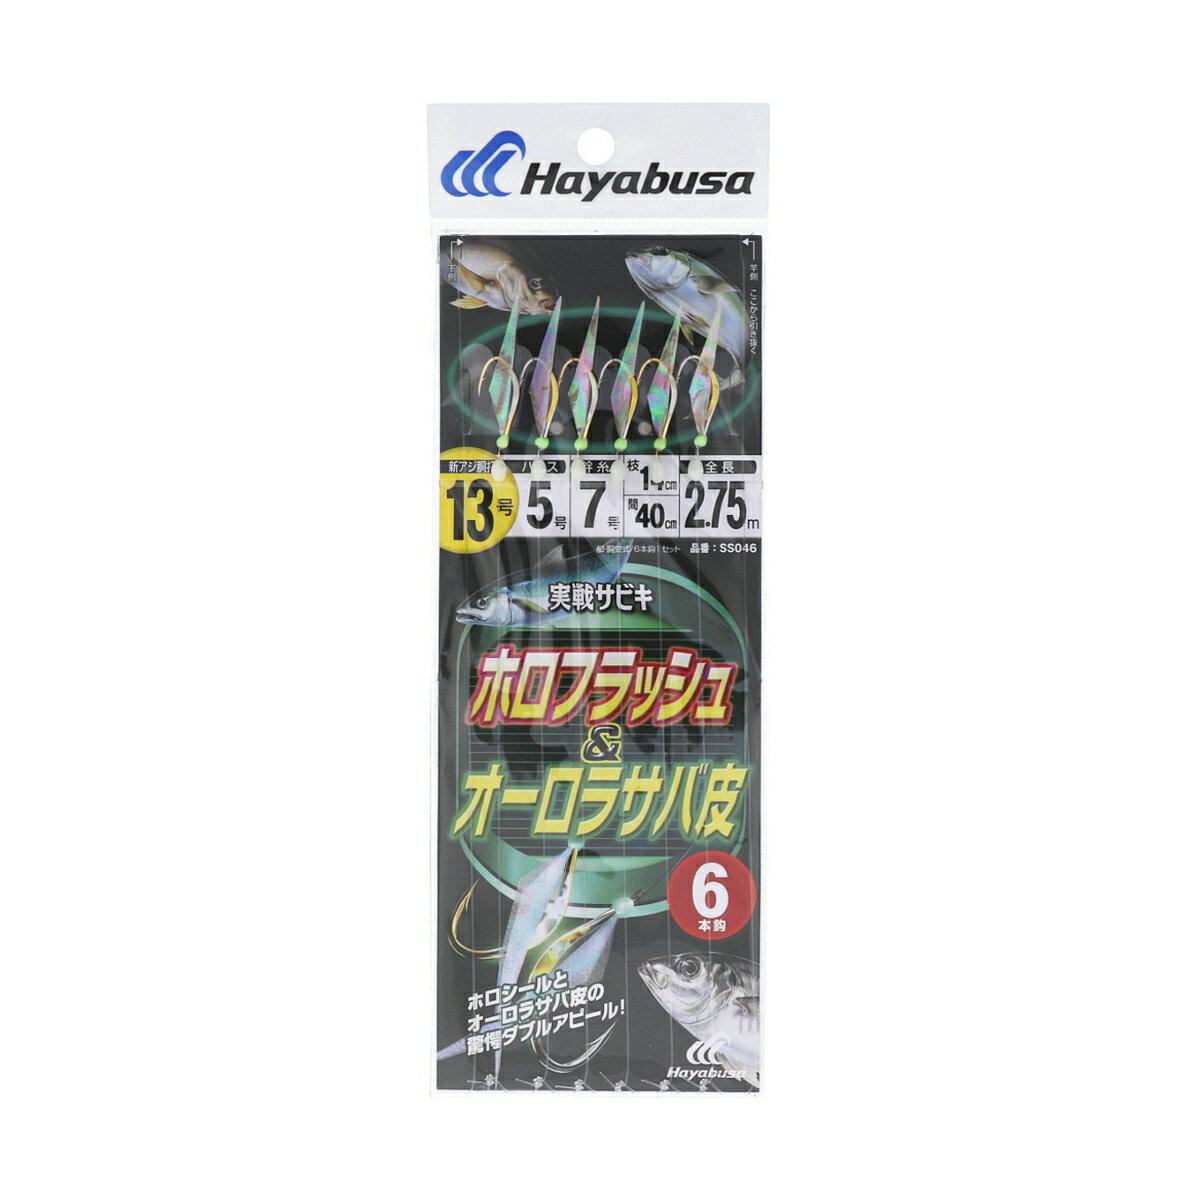 ハヤブサ SS046実戦サビキオーロラサバ皮ホロ6本13−5